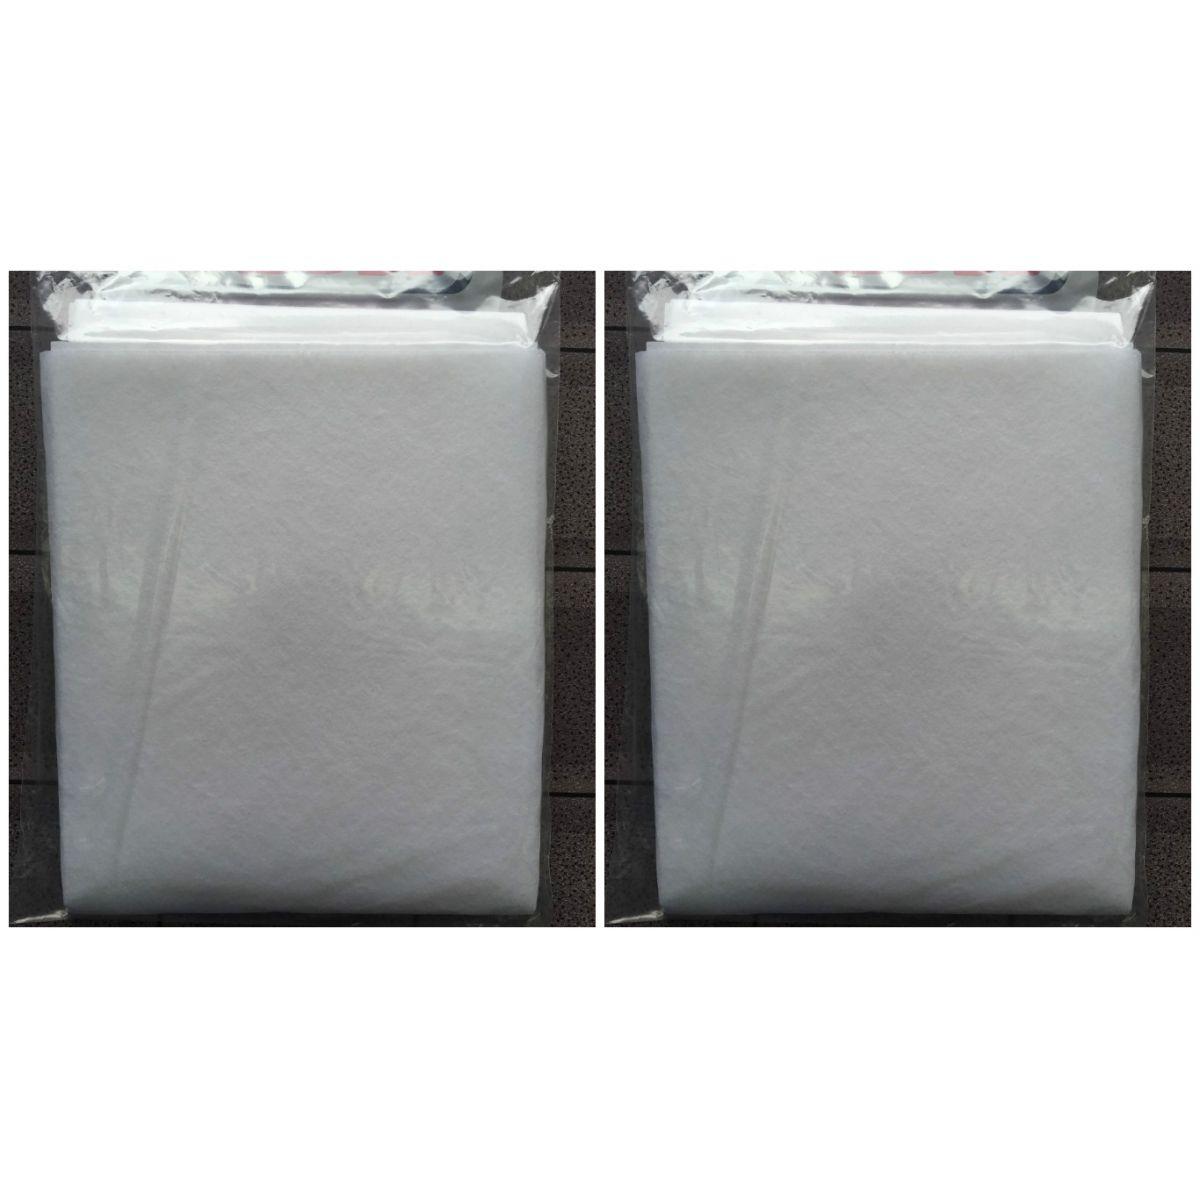 Filtro Branco para Coifa/ Exaustor 60x80cm/para fogão de até 6 bocas- 2 unidades  - Shop Ud